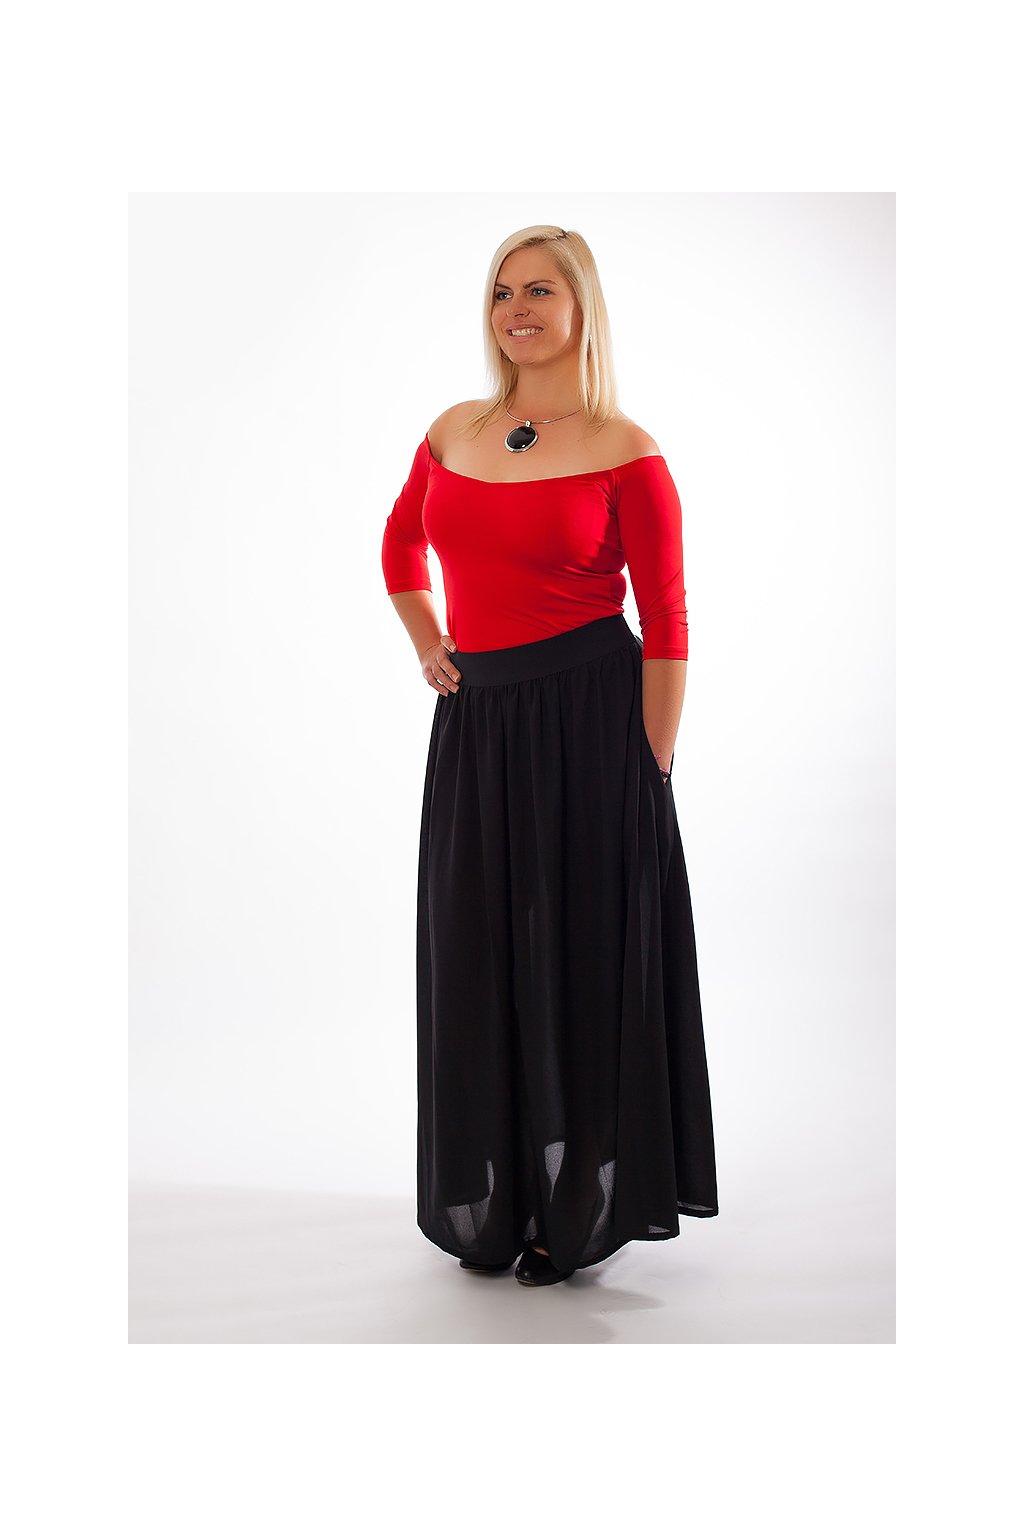 Dlouhá černá sukně Chloe ZURI s kapsami 6